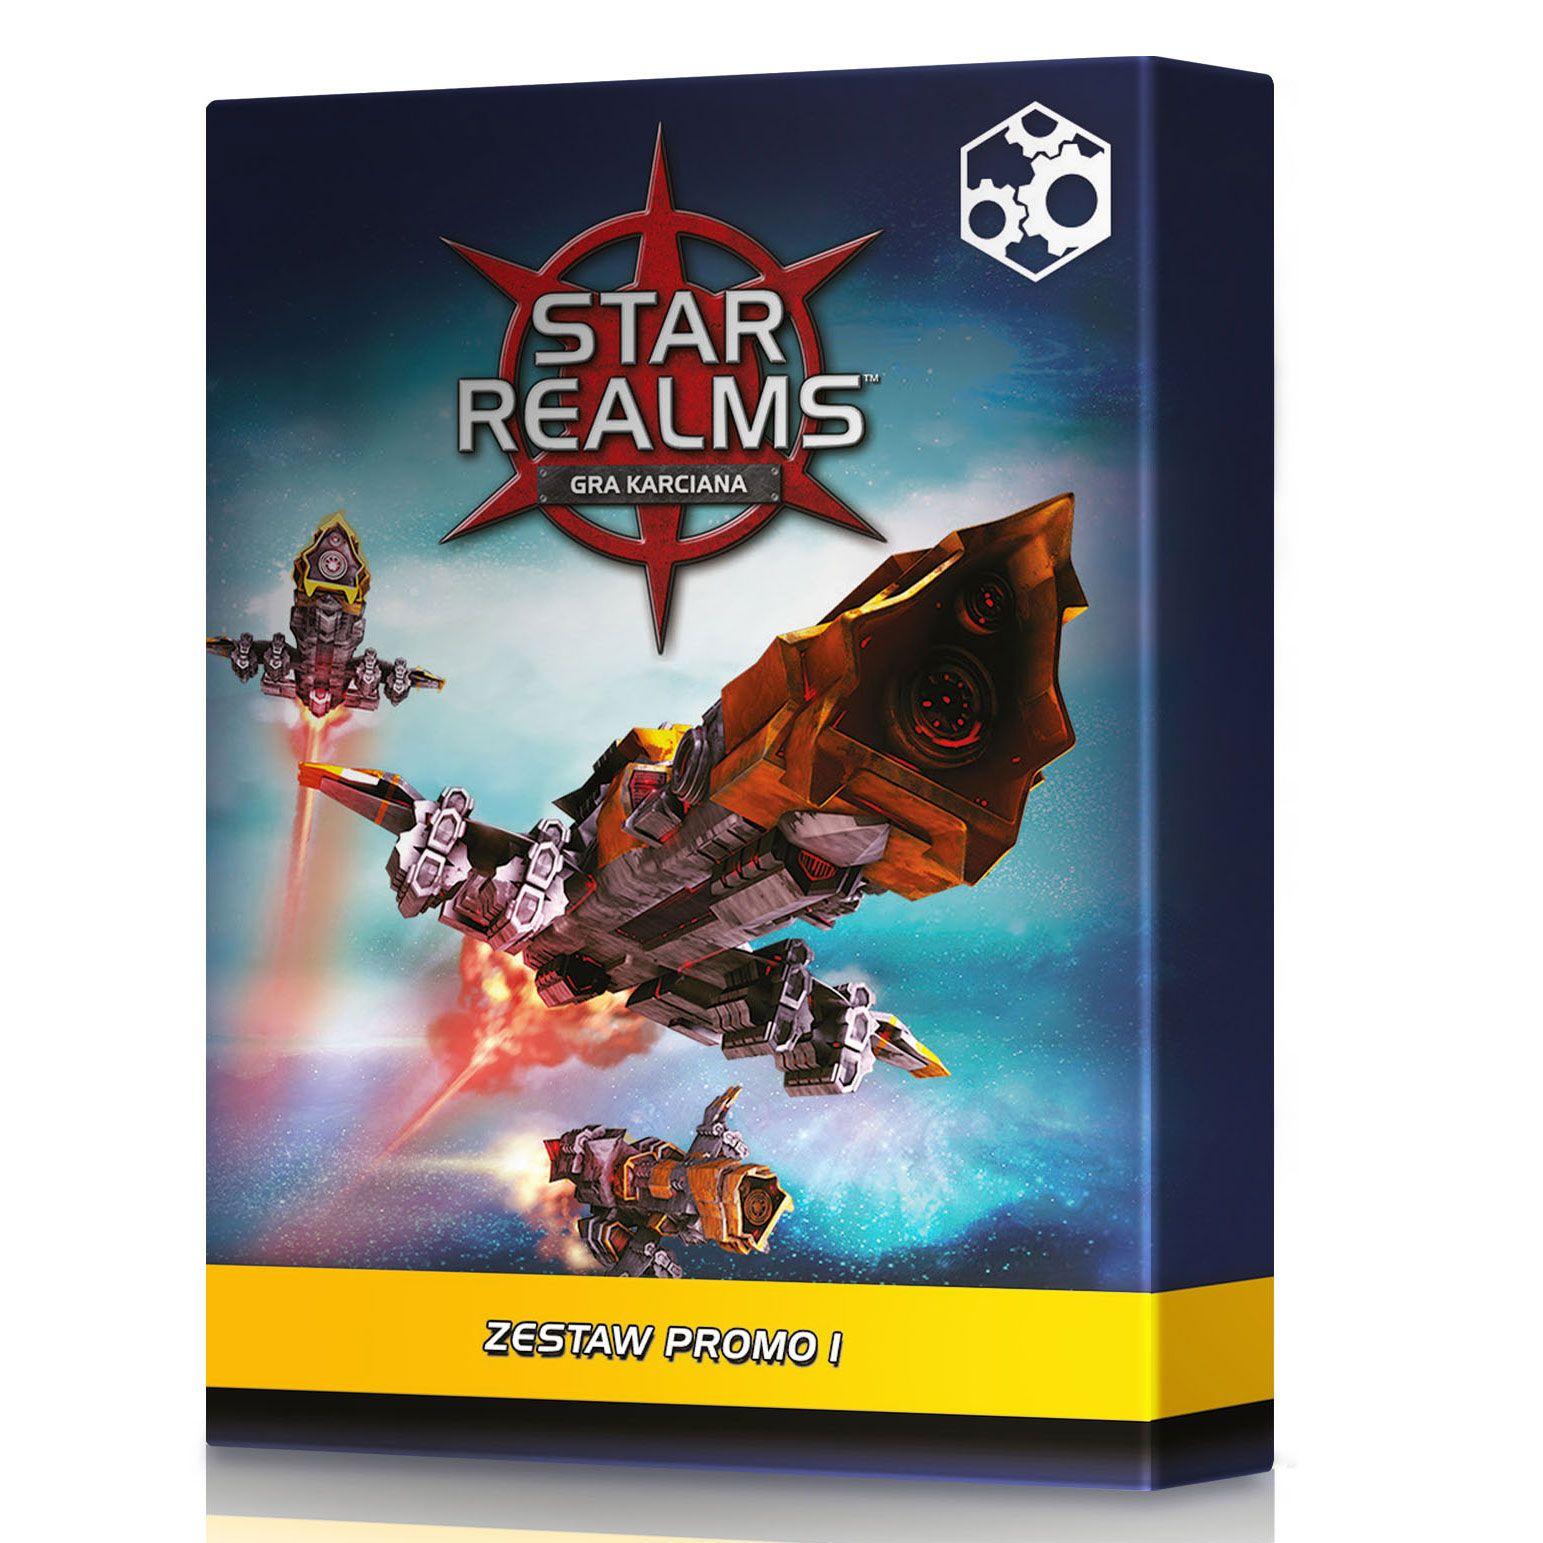 Star Realms: Zestaw Promo 1 (Gra Karciana)